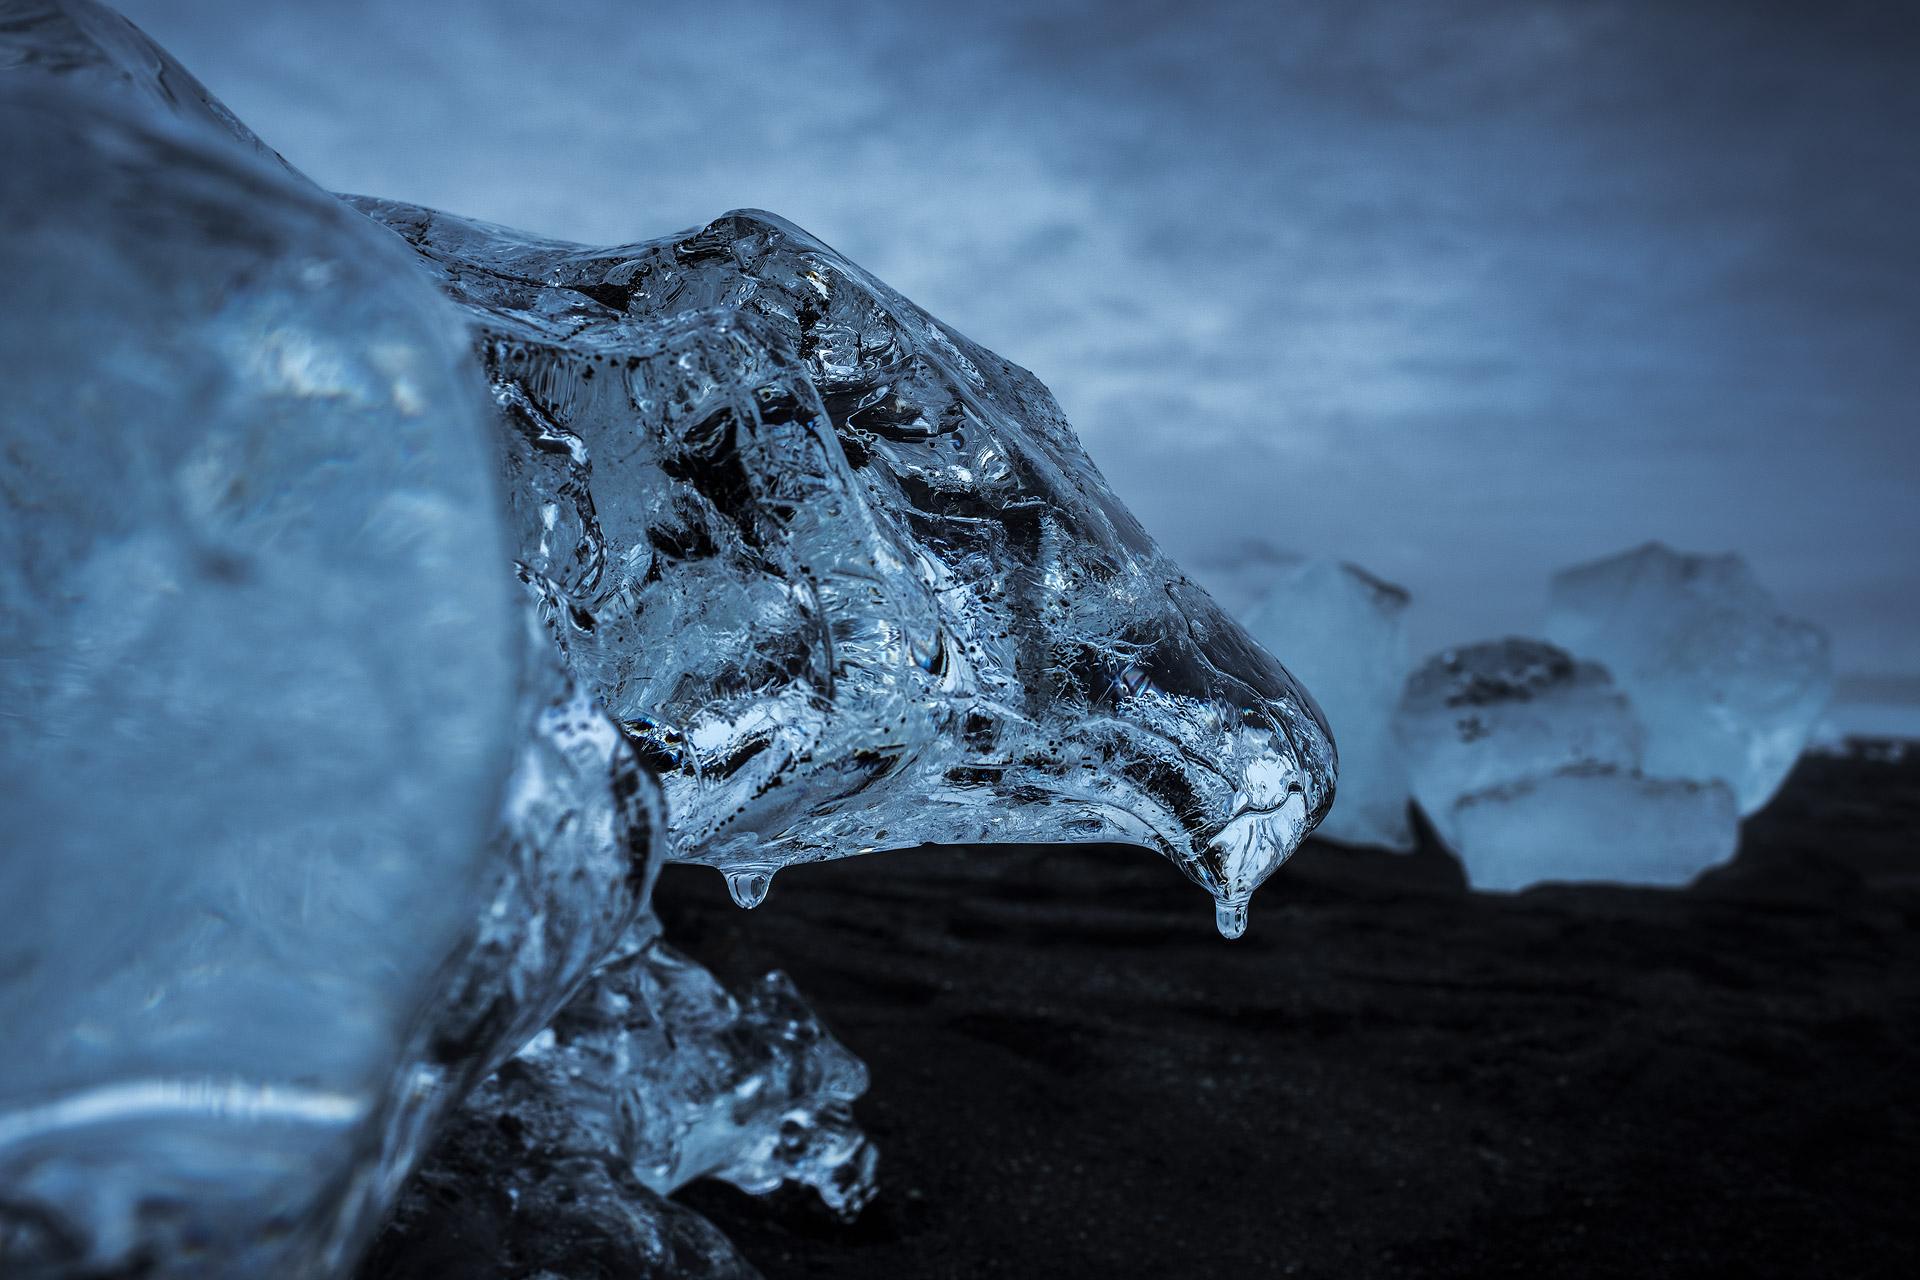 Frozen in Flight, 2017